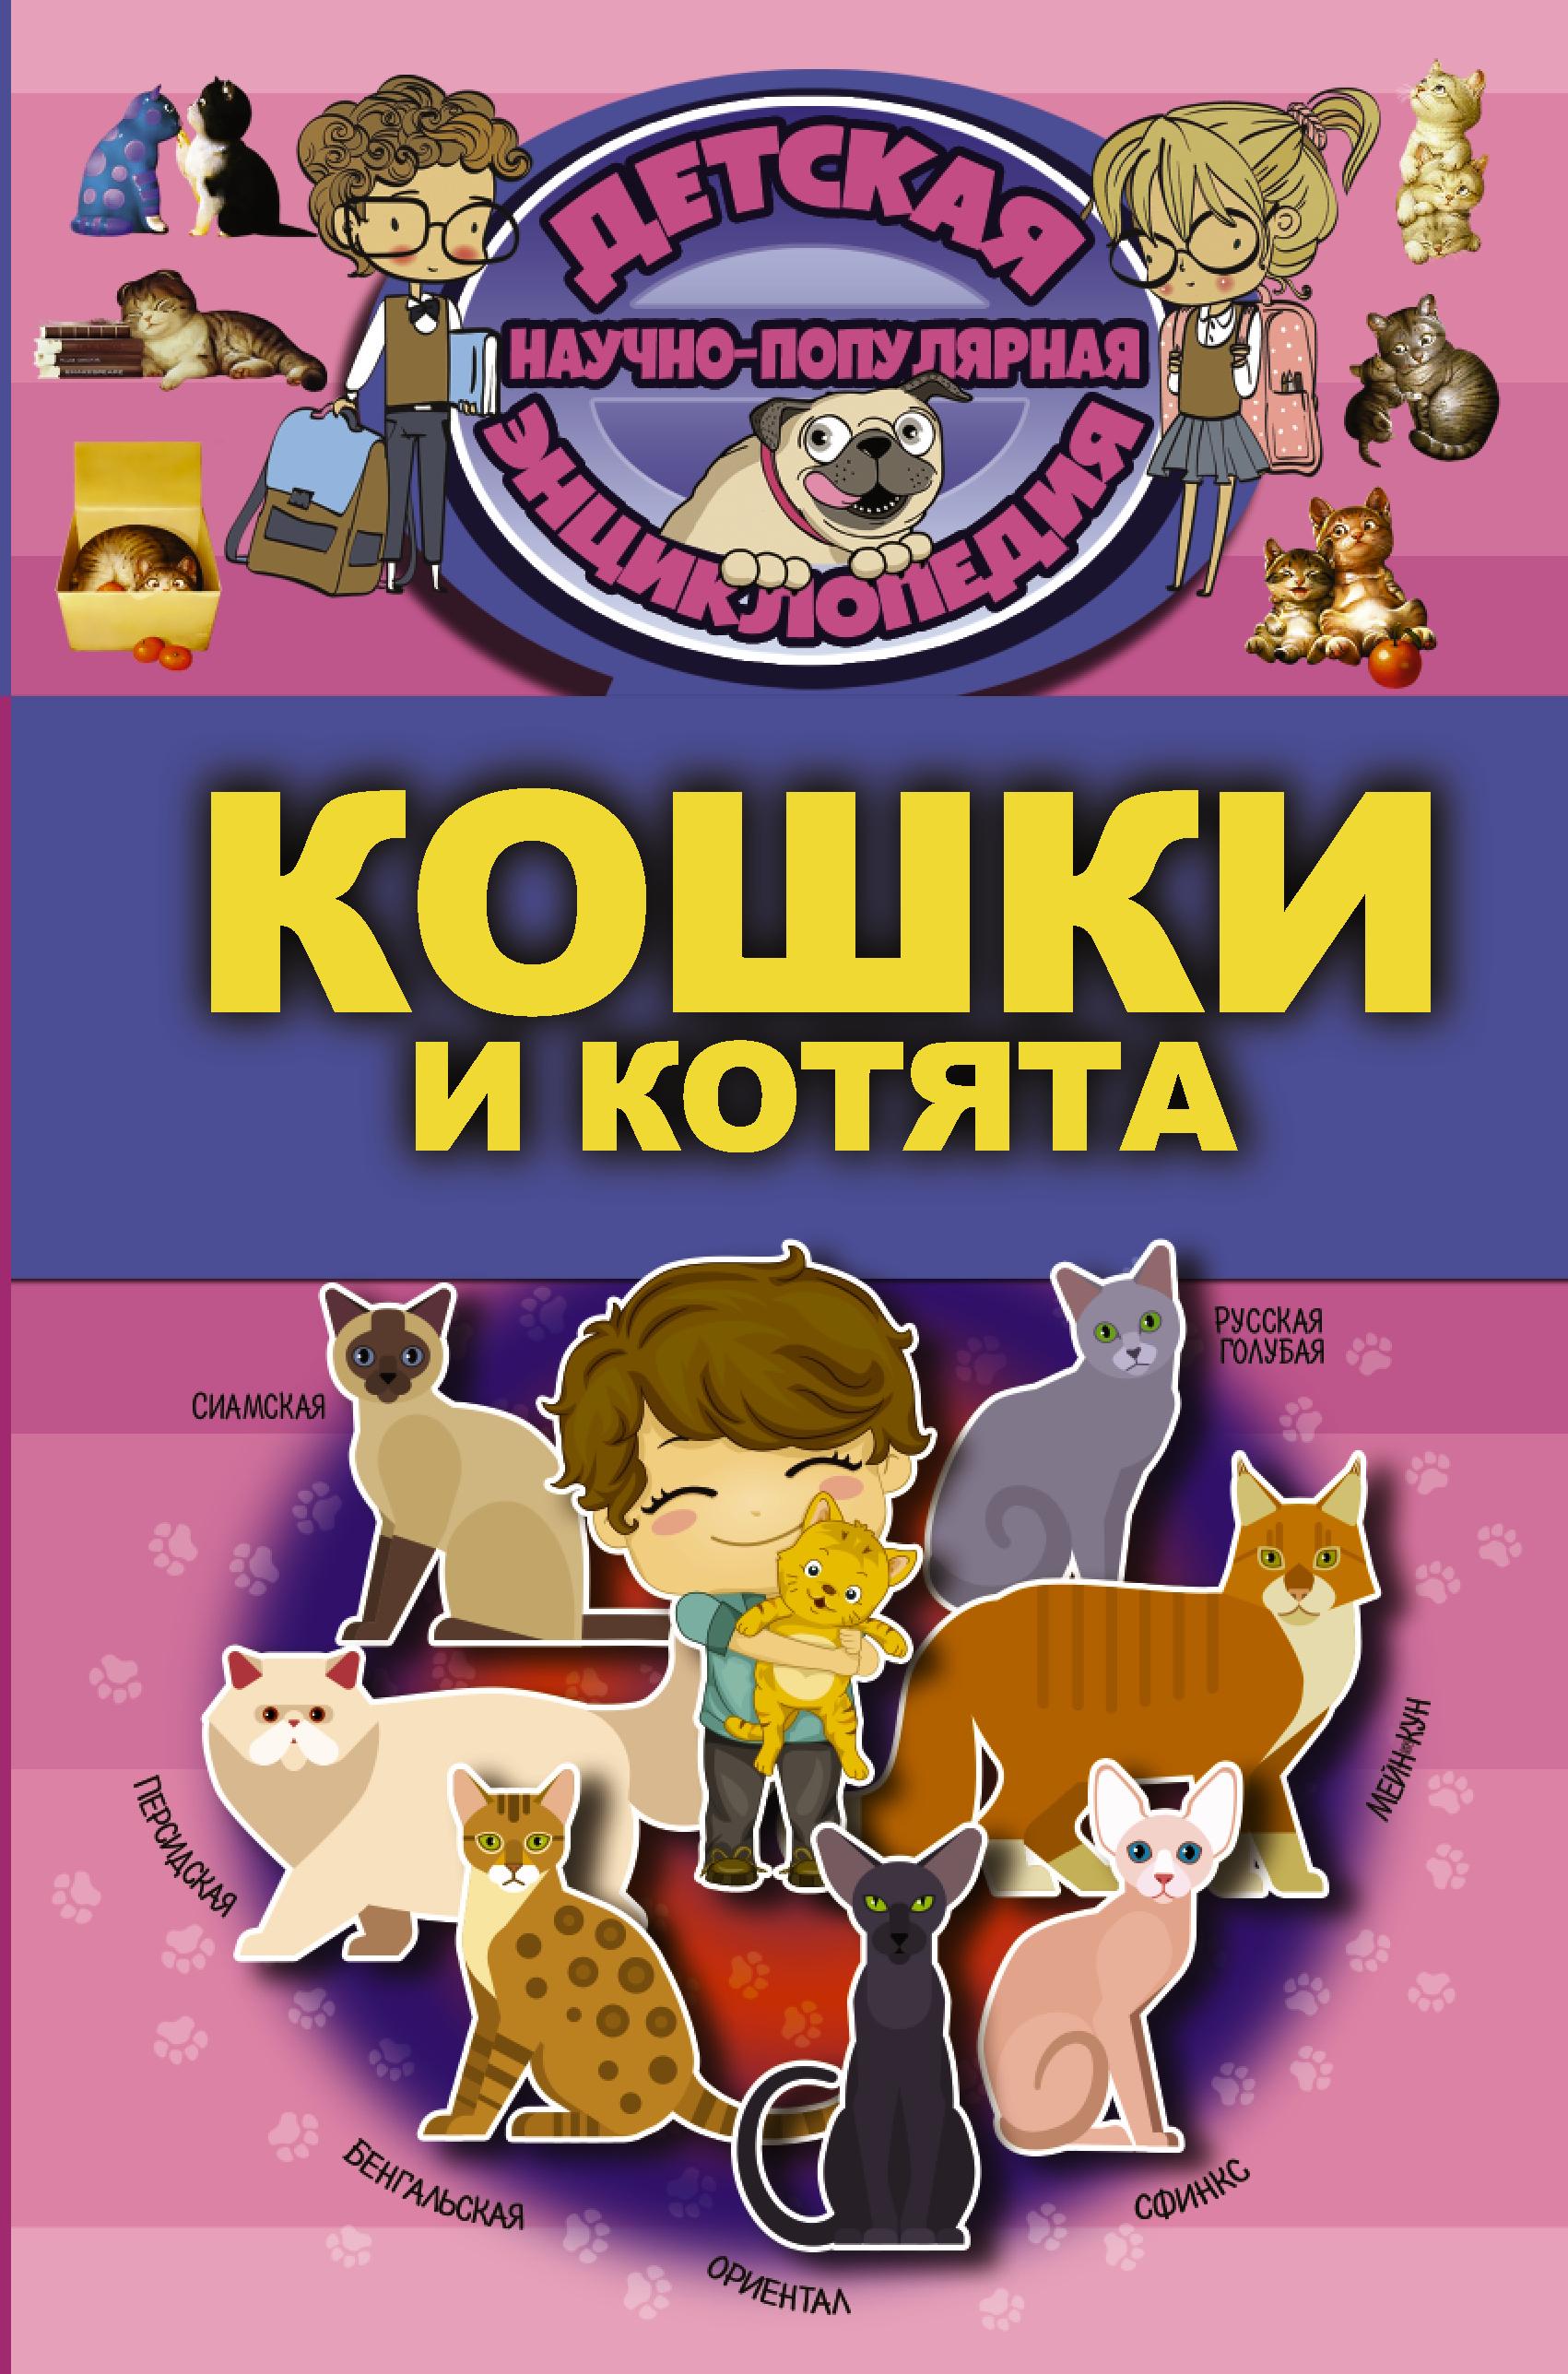 , Кошки и котята как купить собаку в новосибирске породы ризеншнауцер без документов